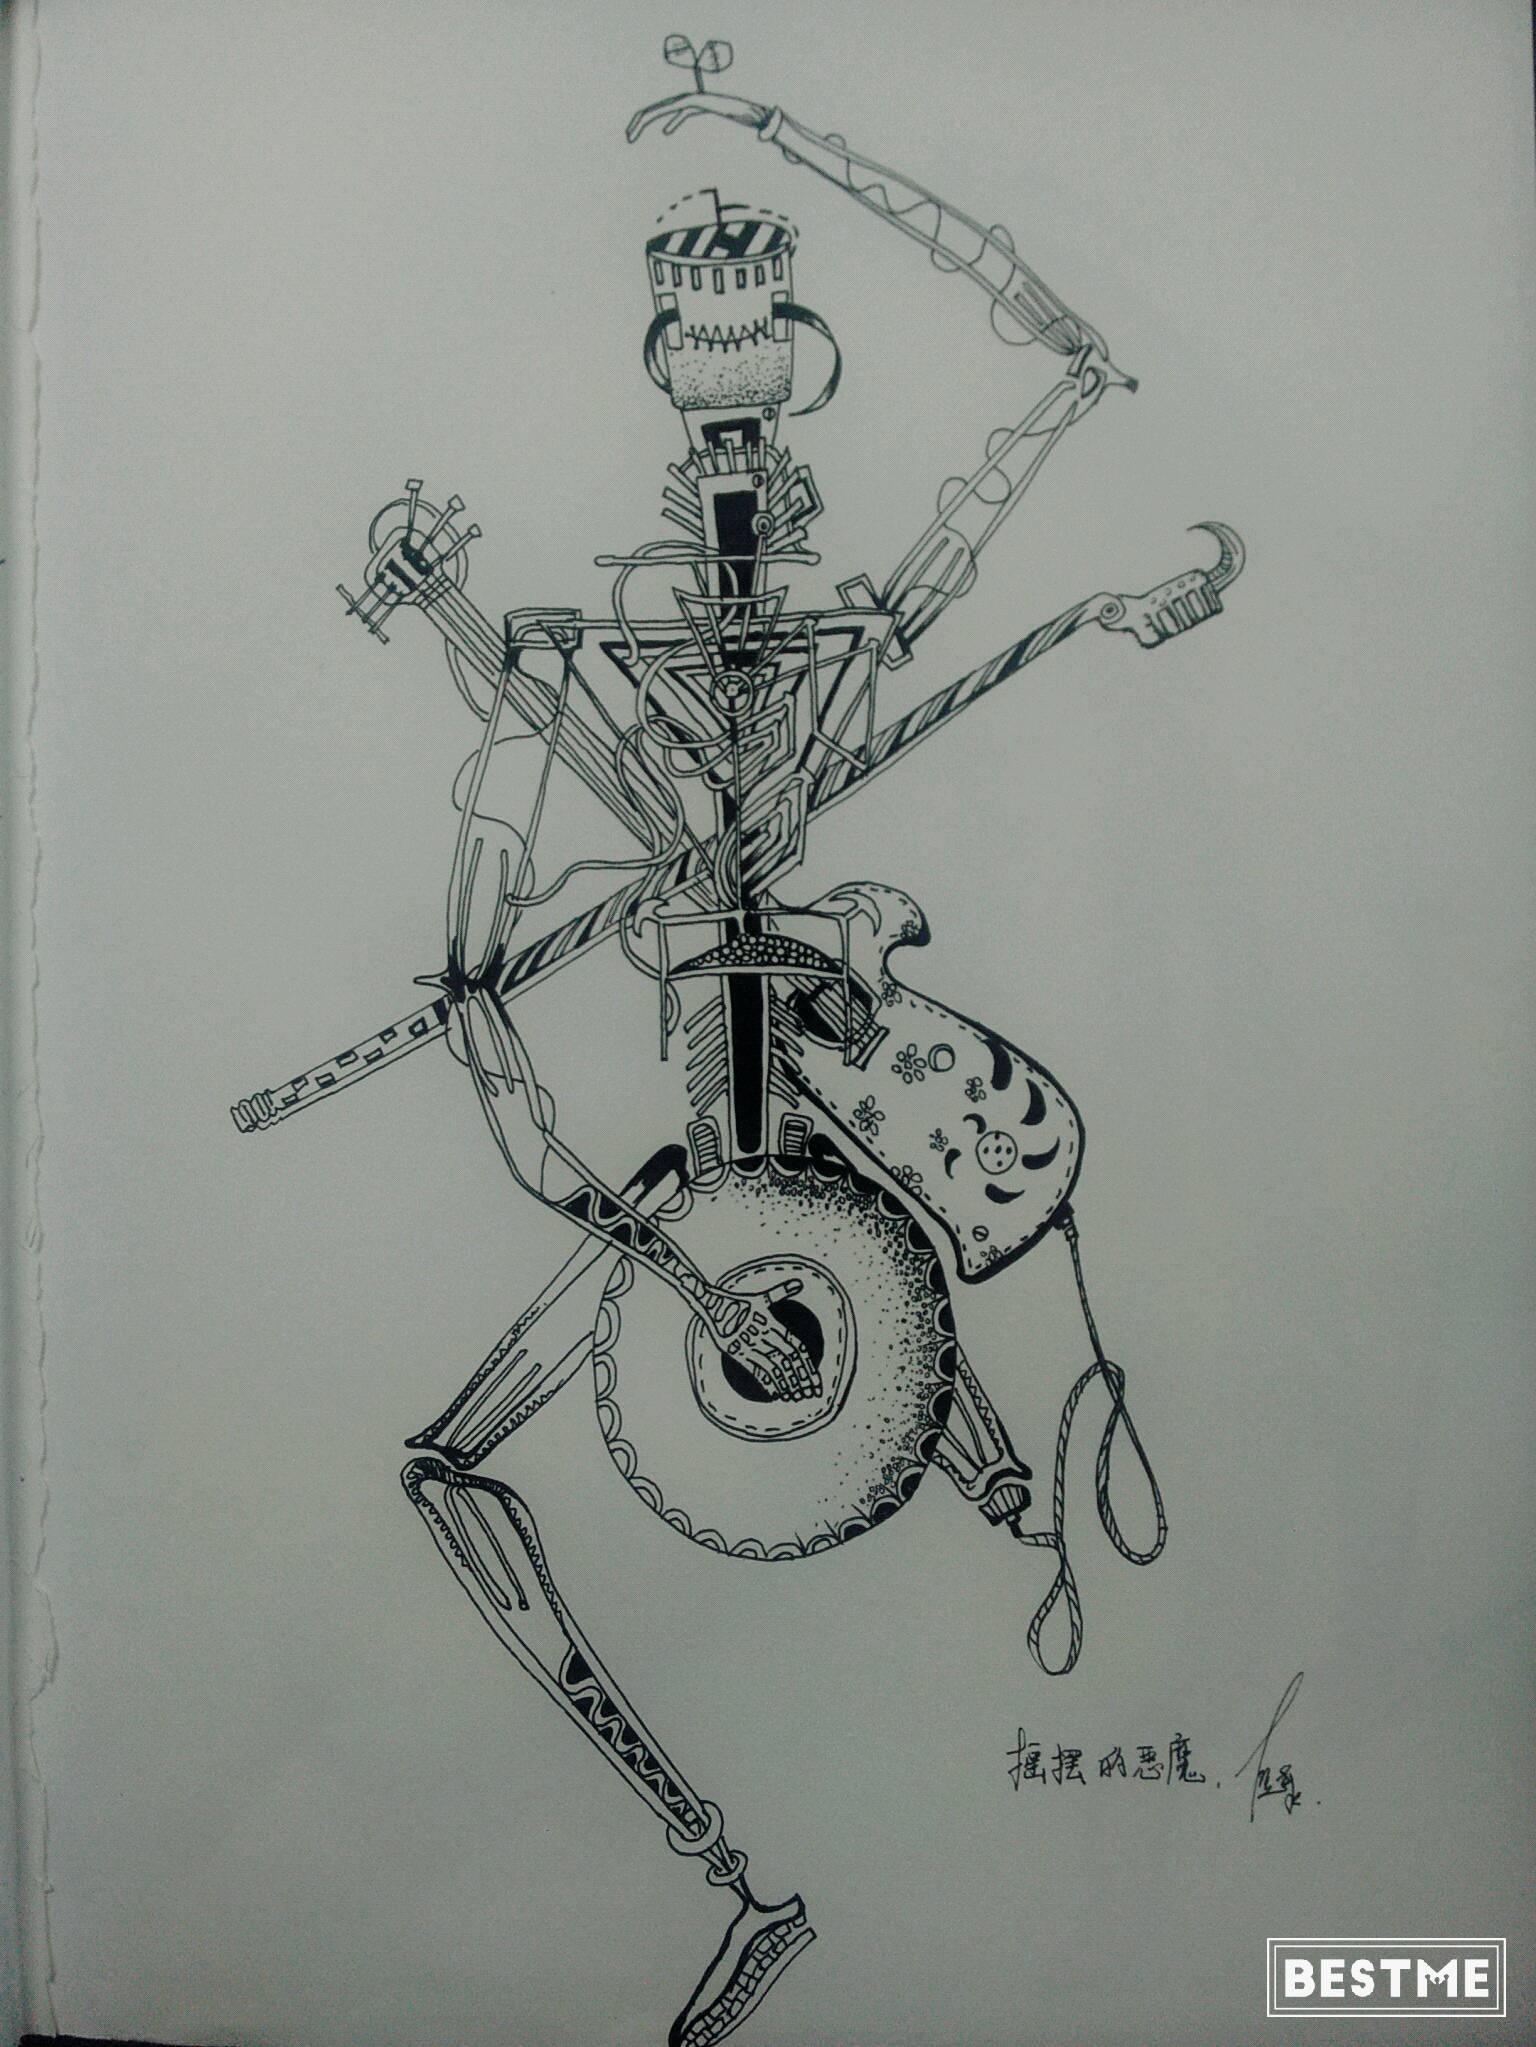 原创怪异手绘彩铅